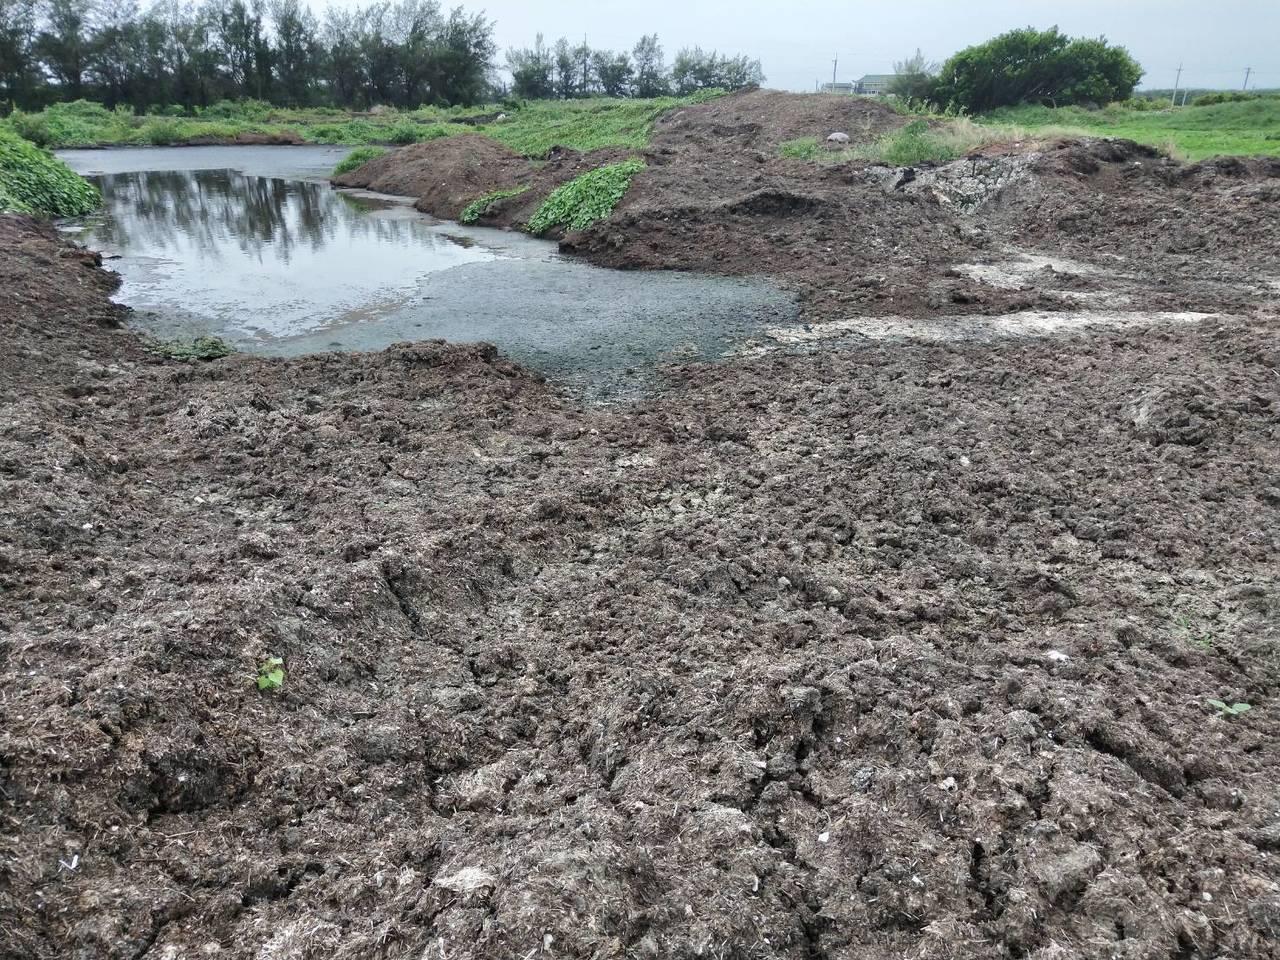 彰化縣芳苑鄉又有10筆農地被非法堆置食品業者生產後的汙泥,現場已產生發臭的汙水。...